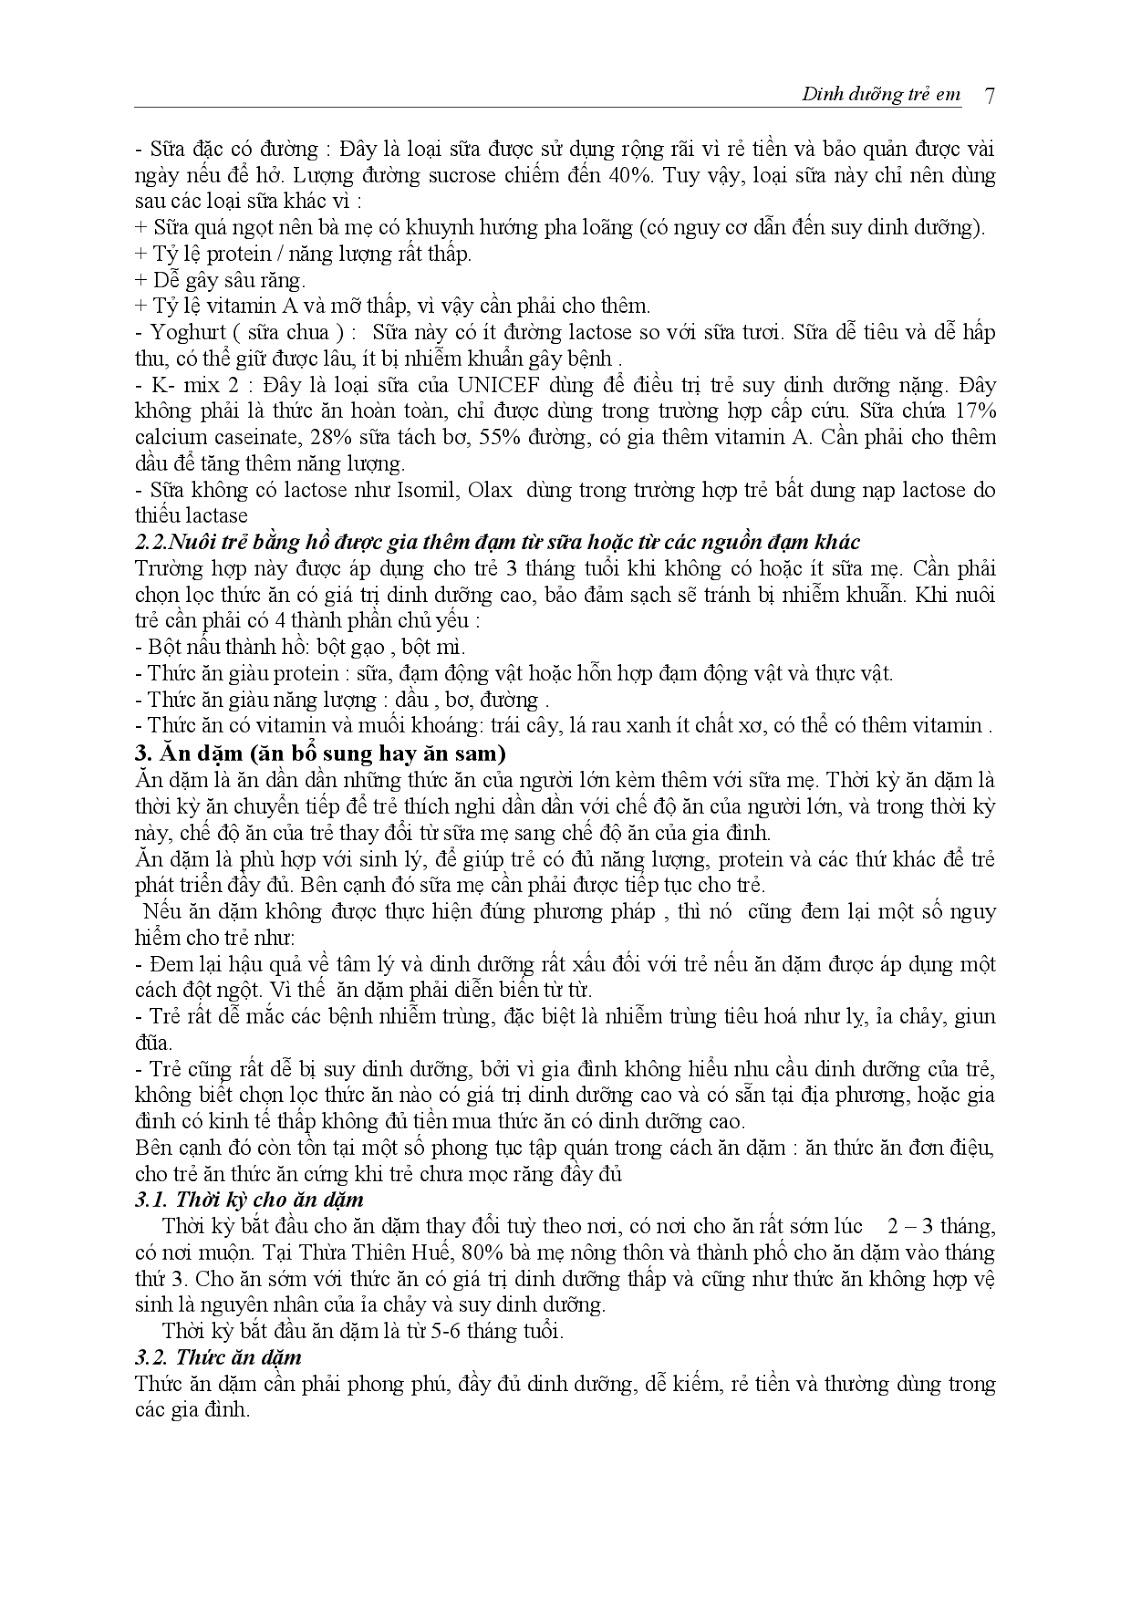 Trang 7 sach Bài giảng Nhi khoa I (Nhi khoa cơ sở - Nhi dinh dưỡng) - ĐH Y Huế